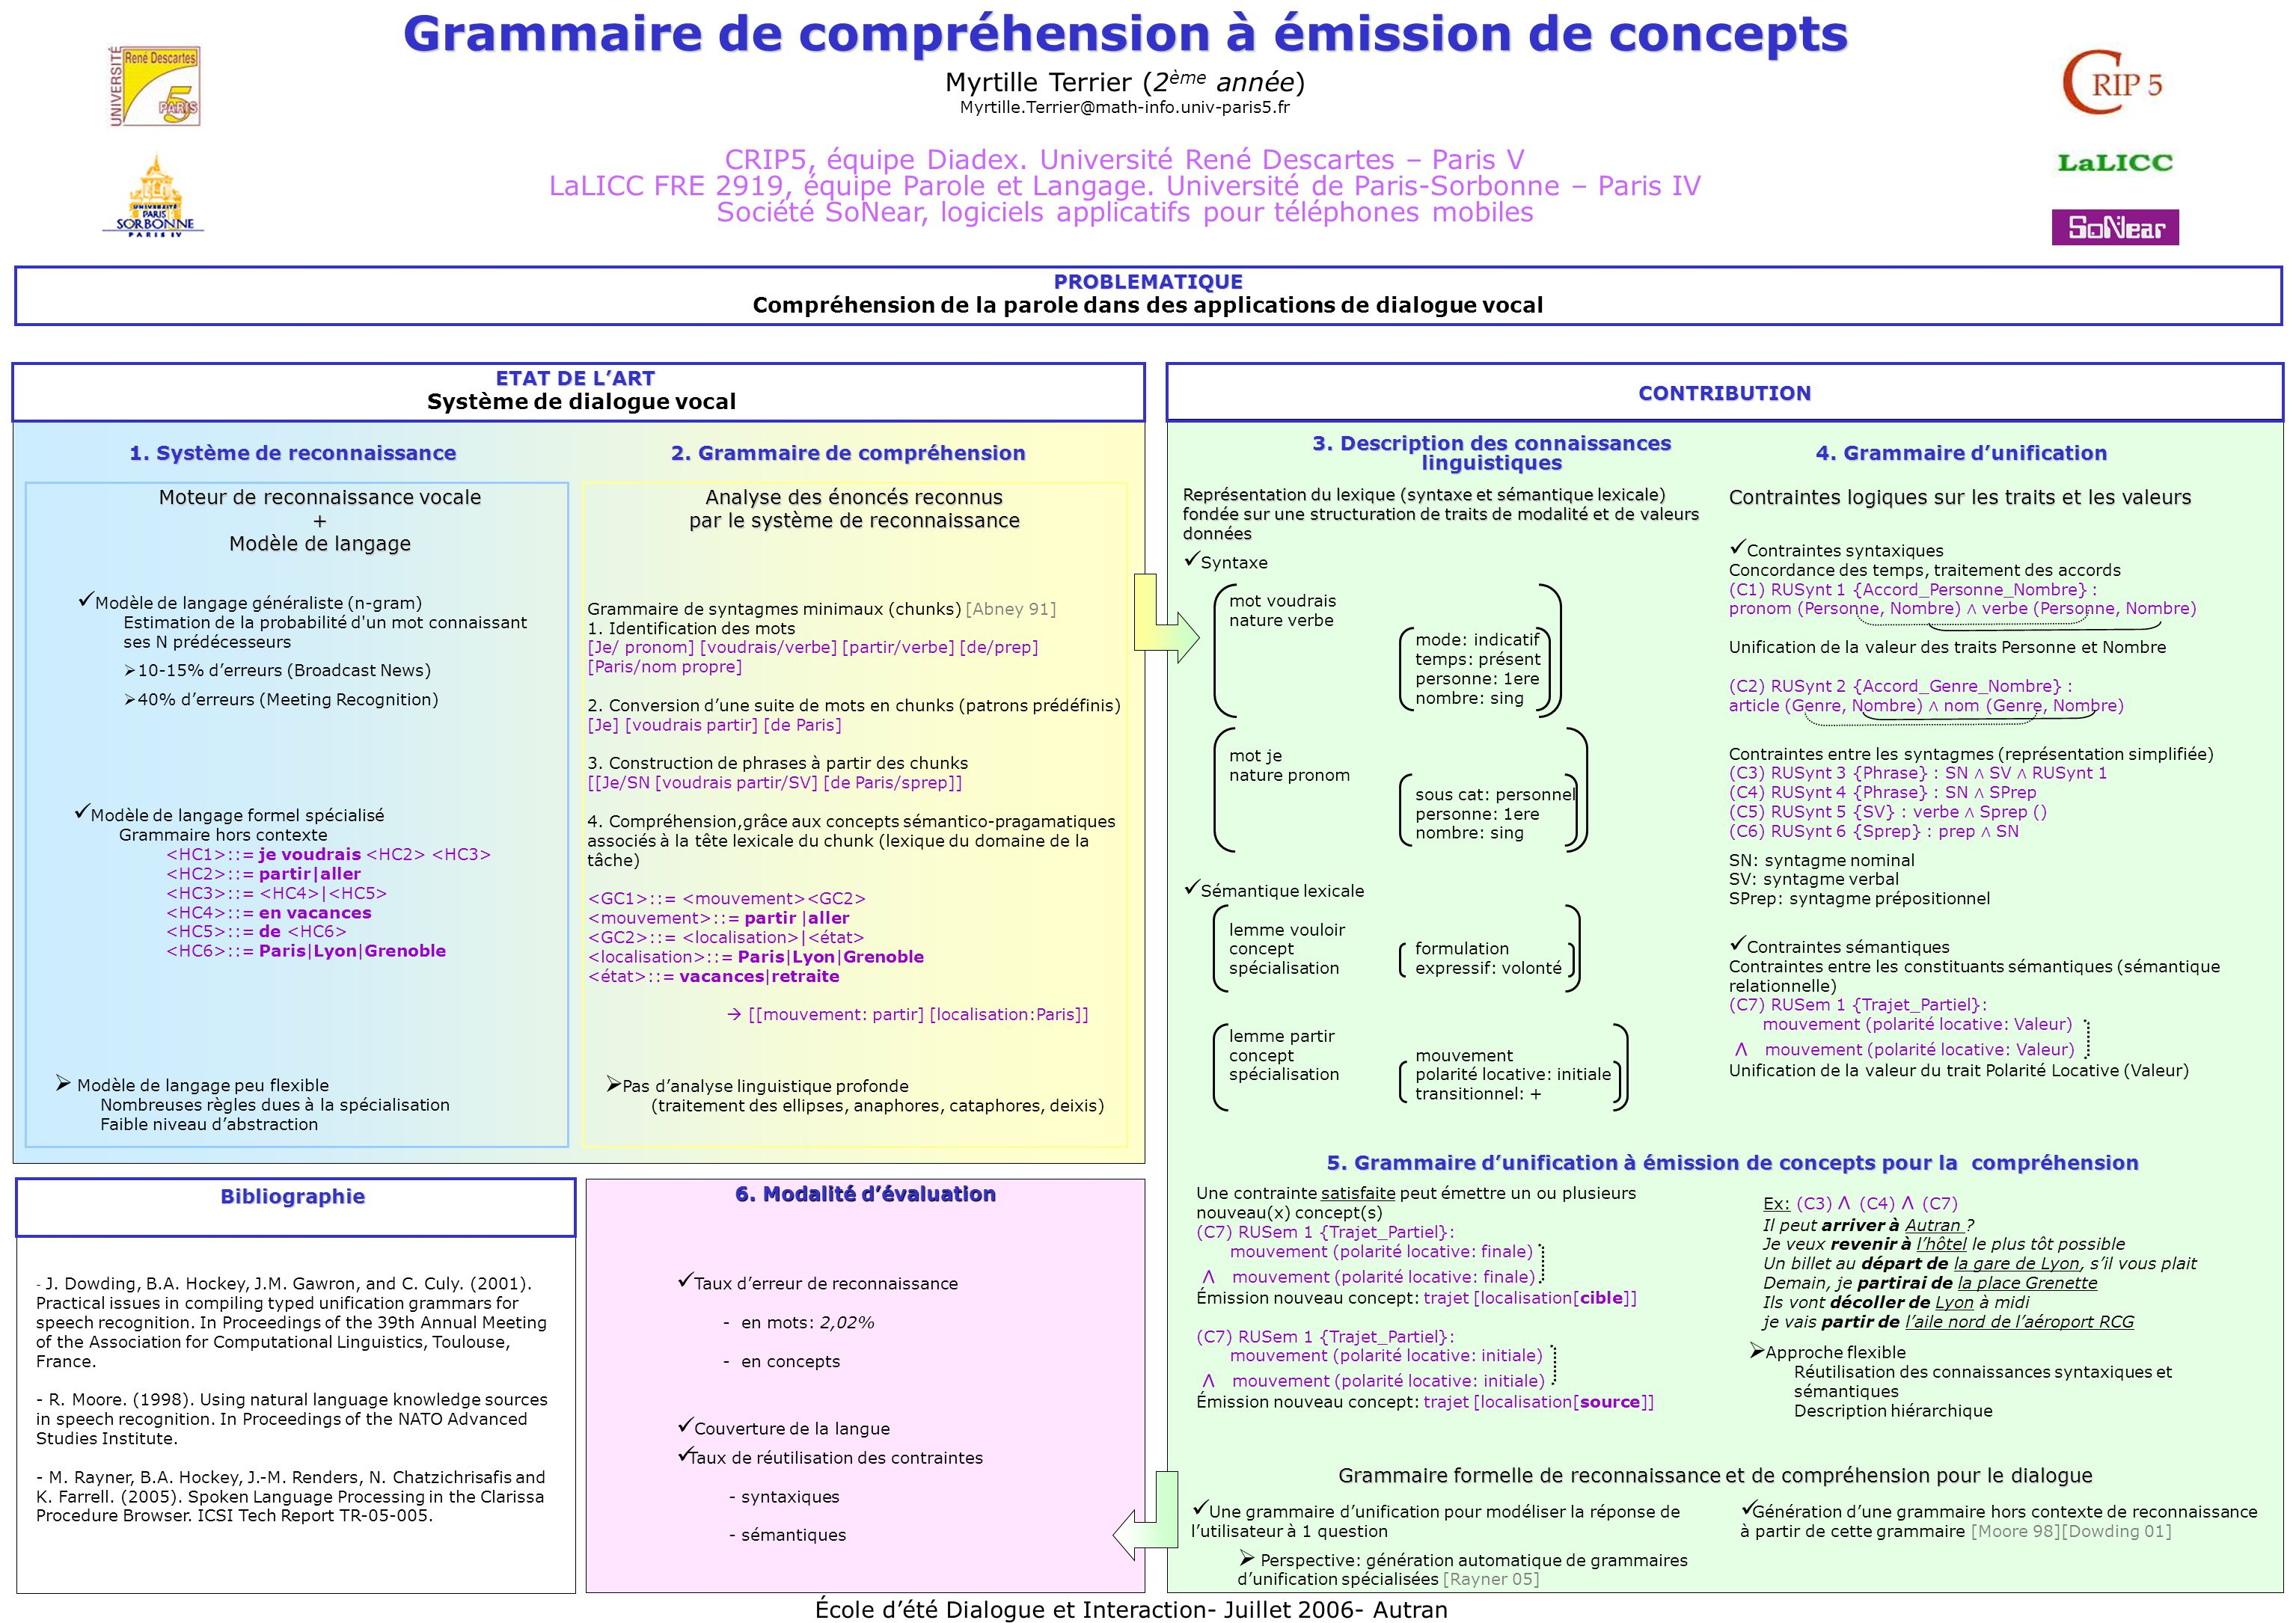 Grammaire de compréhension à émission de concepts